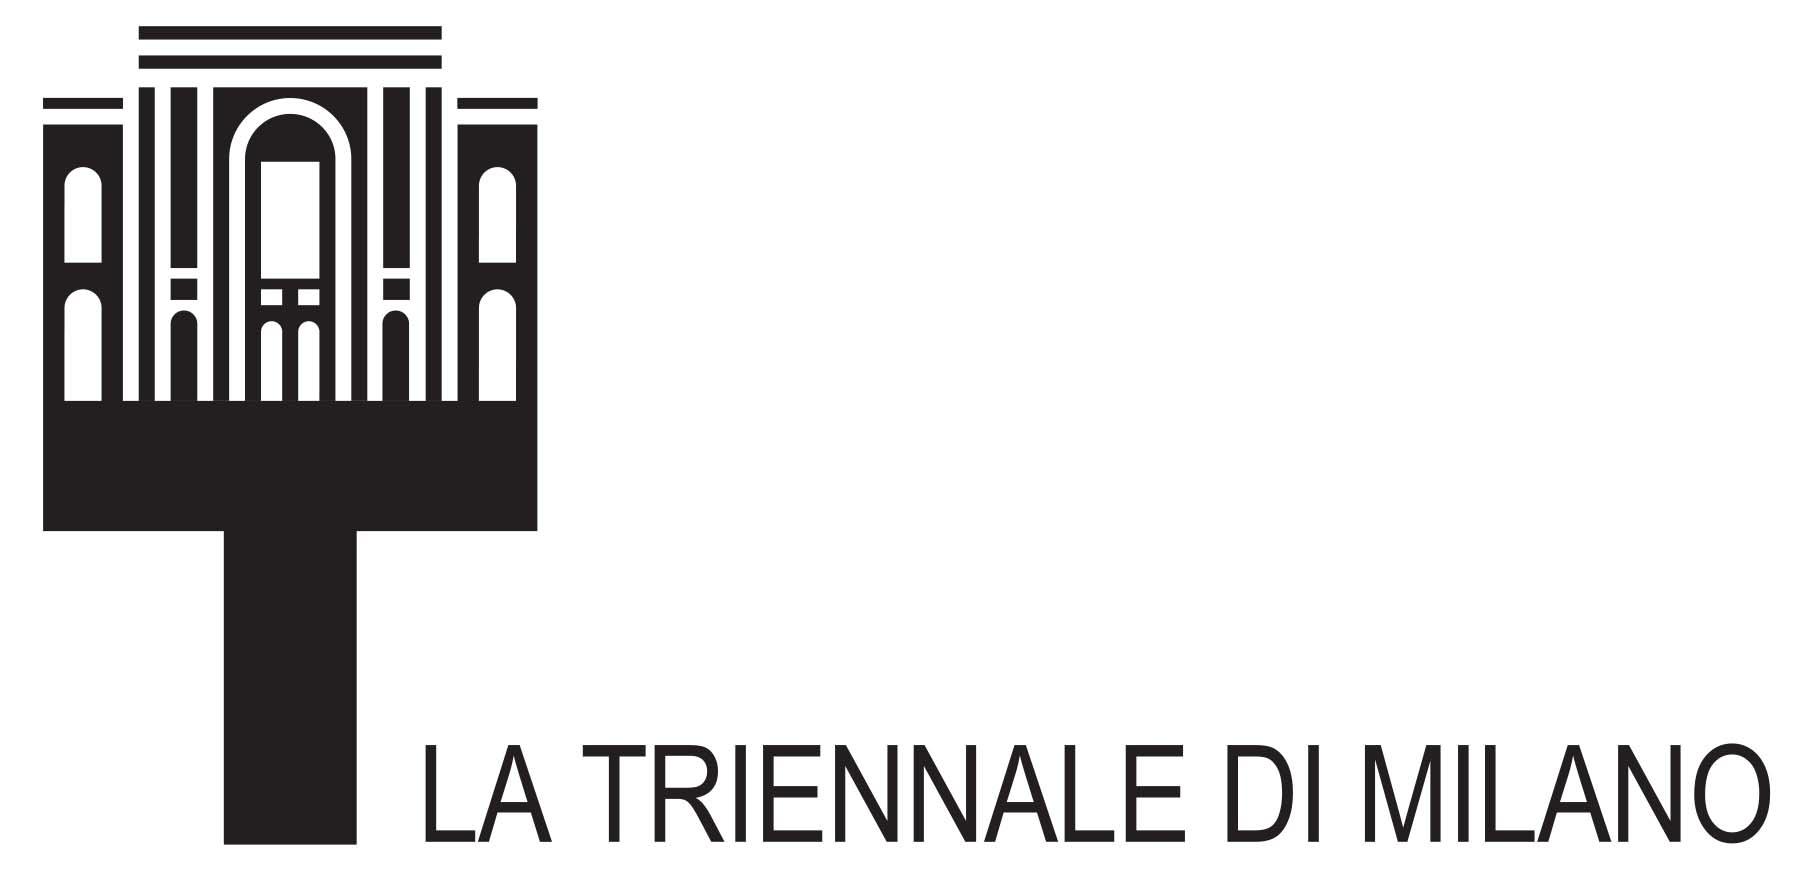 LaTriennale orizz neg.jpg